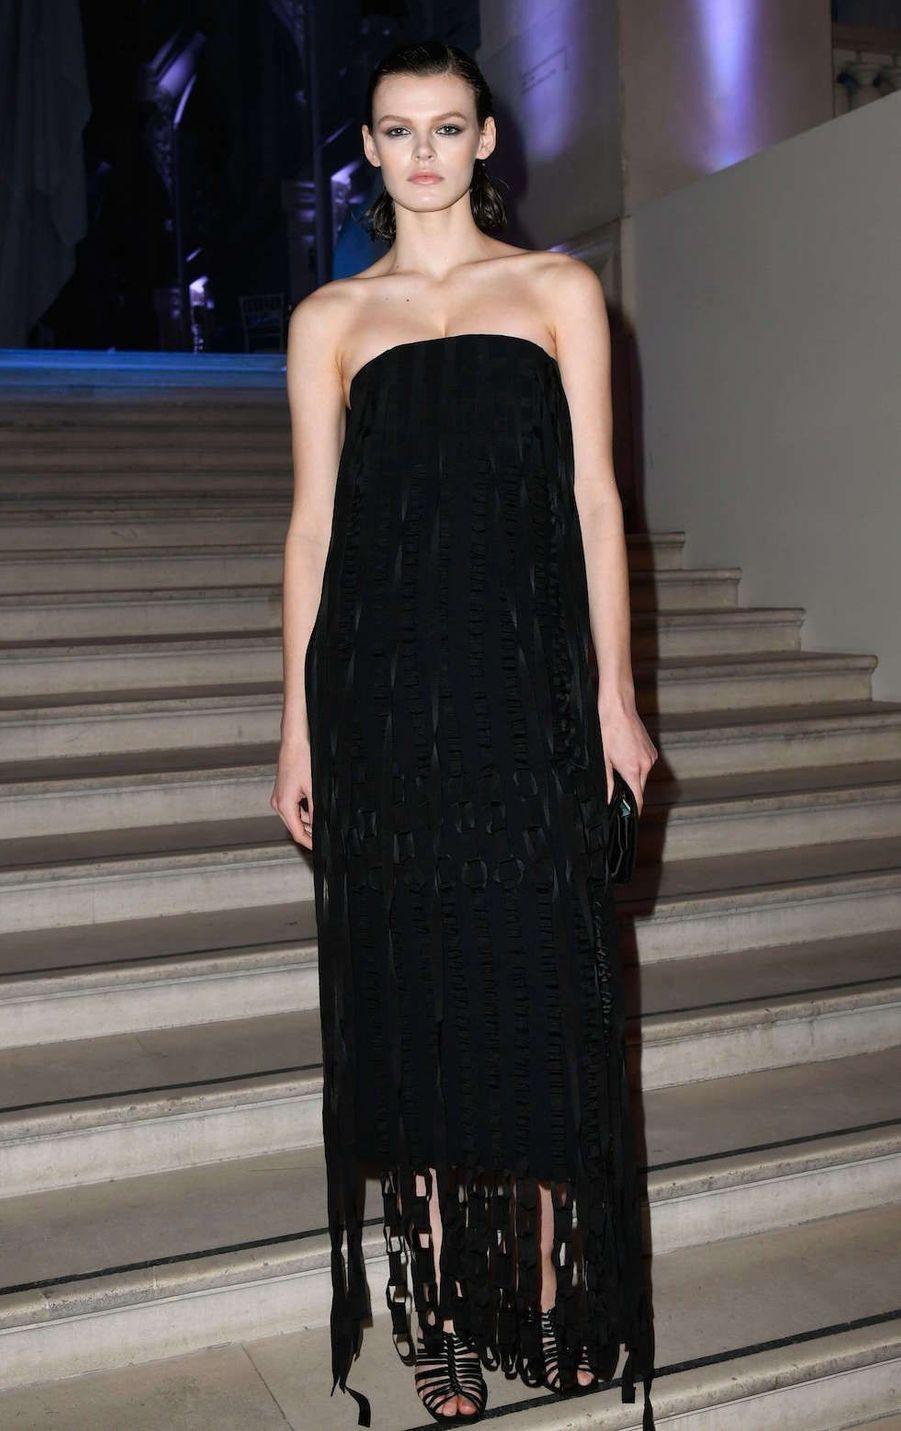 Cara Taylorau vernissage de l'exposition Harper's Bazaar au Musée des Arts décoratifs, à Paris, le 26 février 2020.